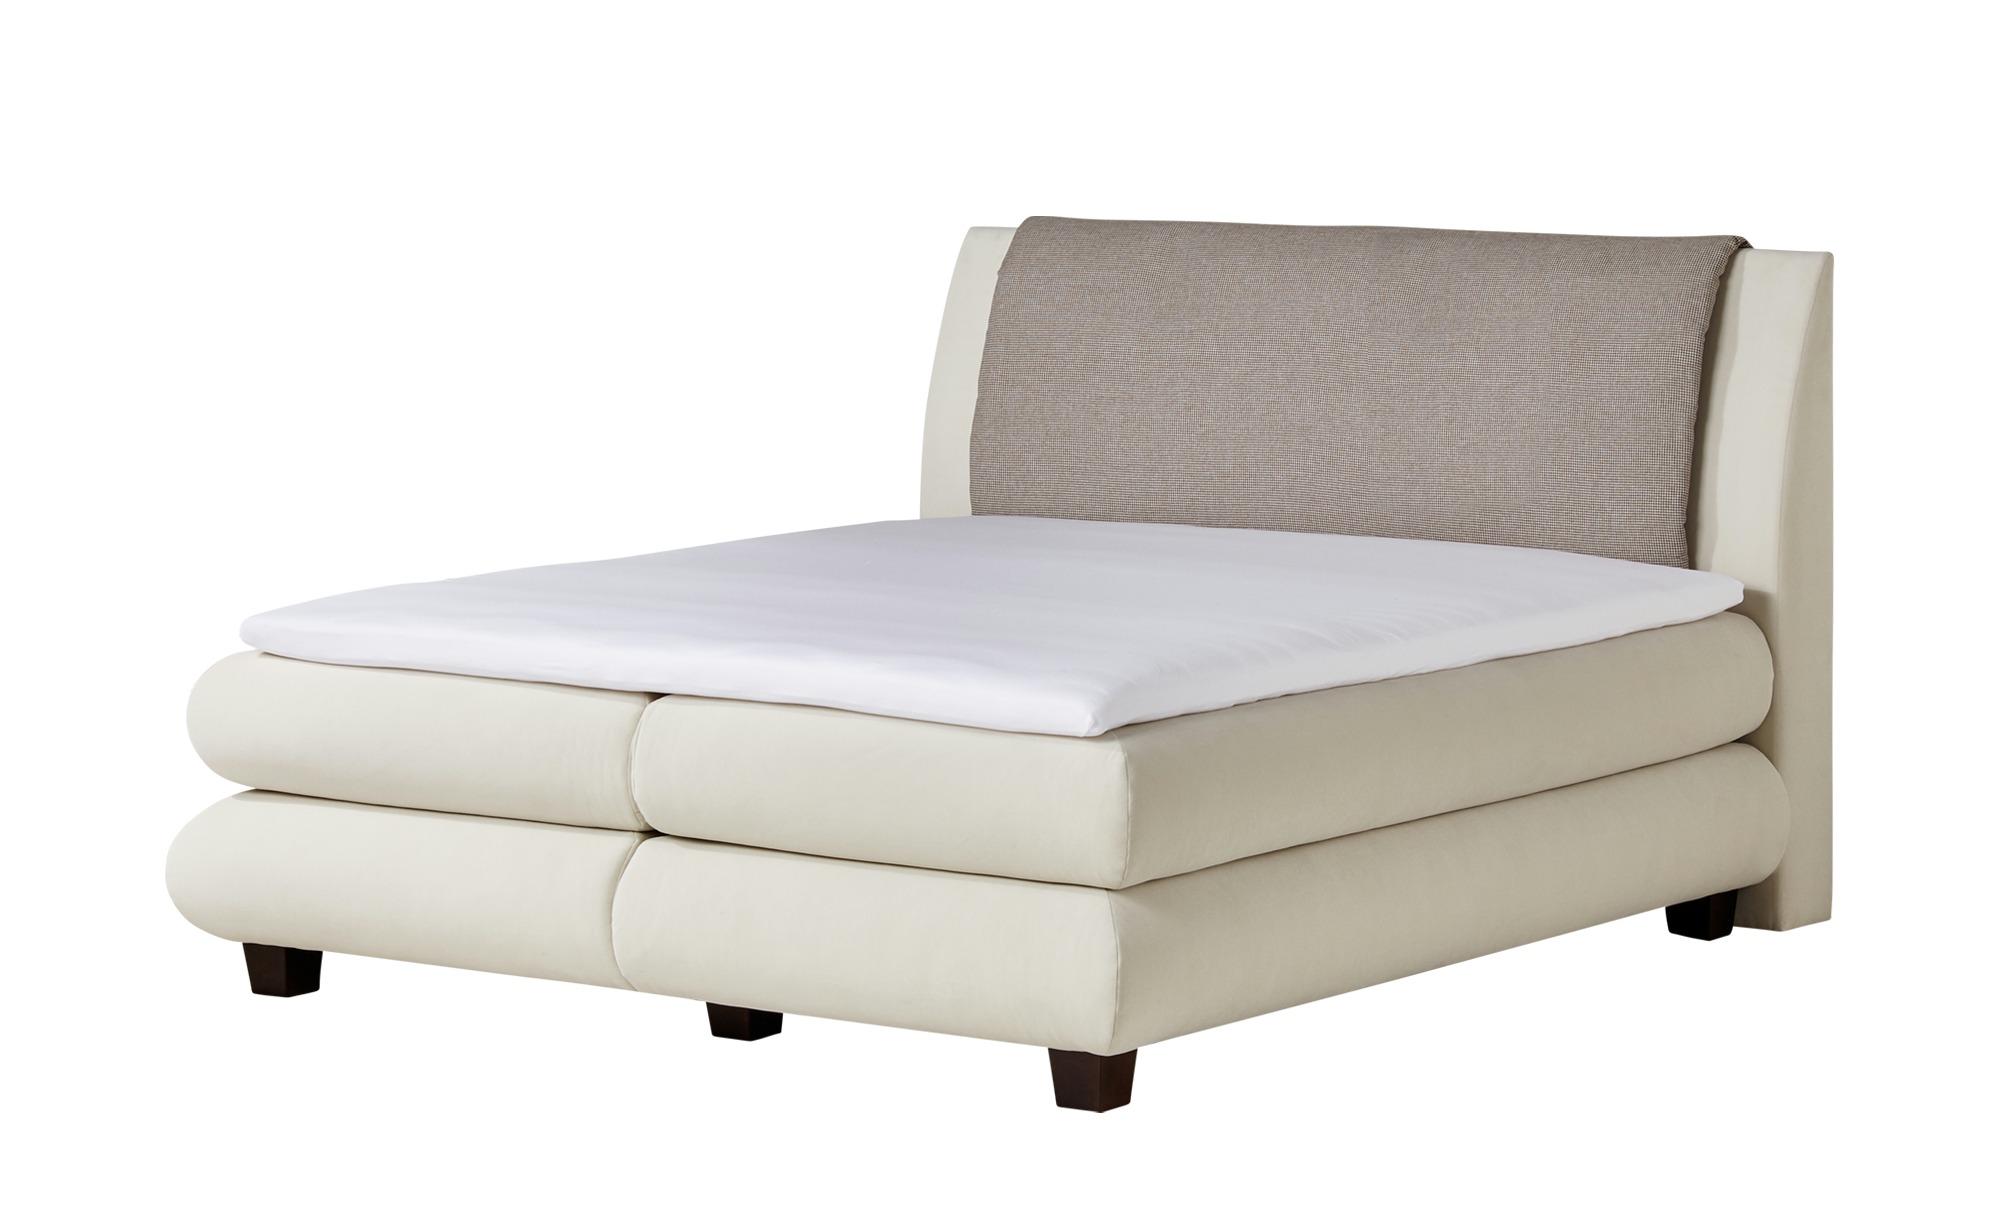 Smart Boxspringbett Premium Bei Möbel Kraft Online Kaufen